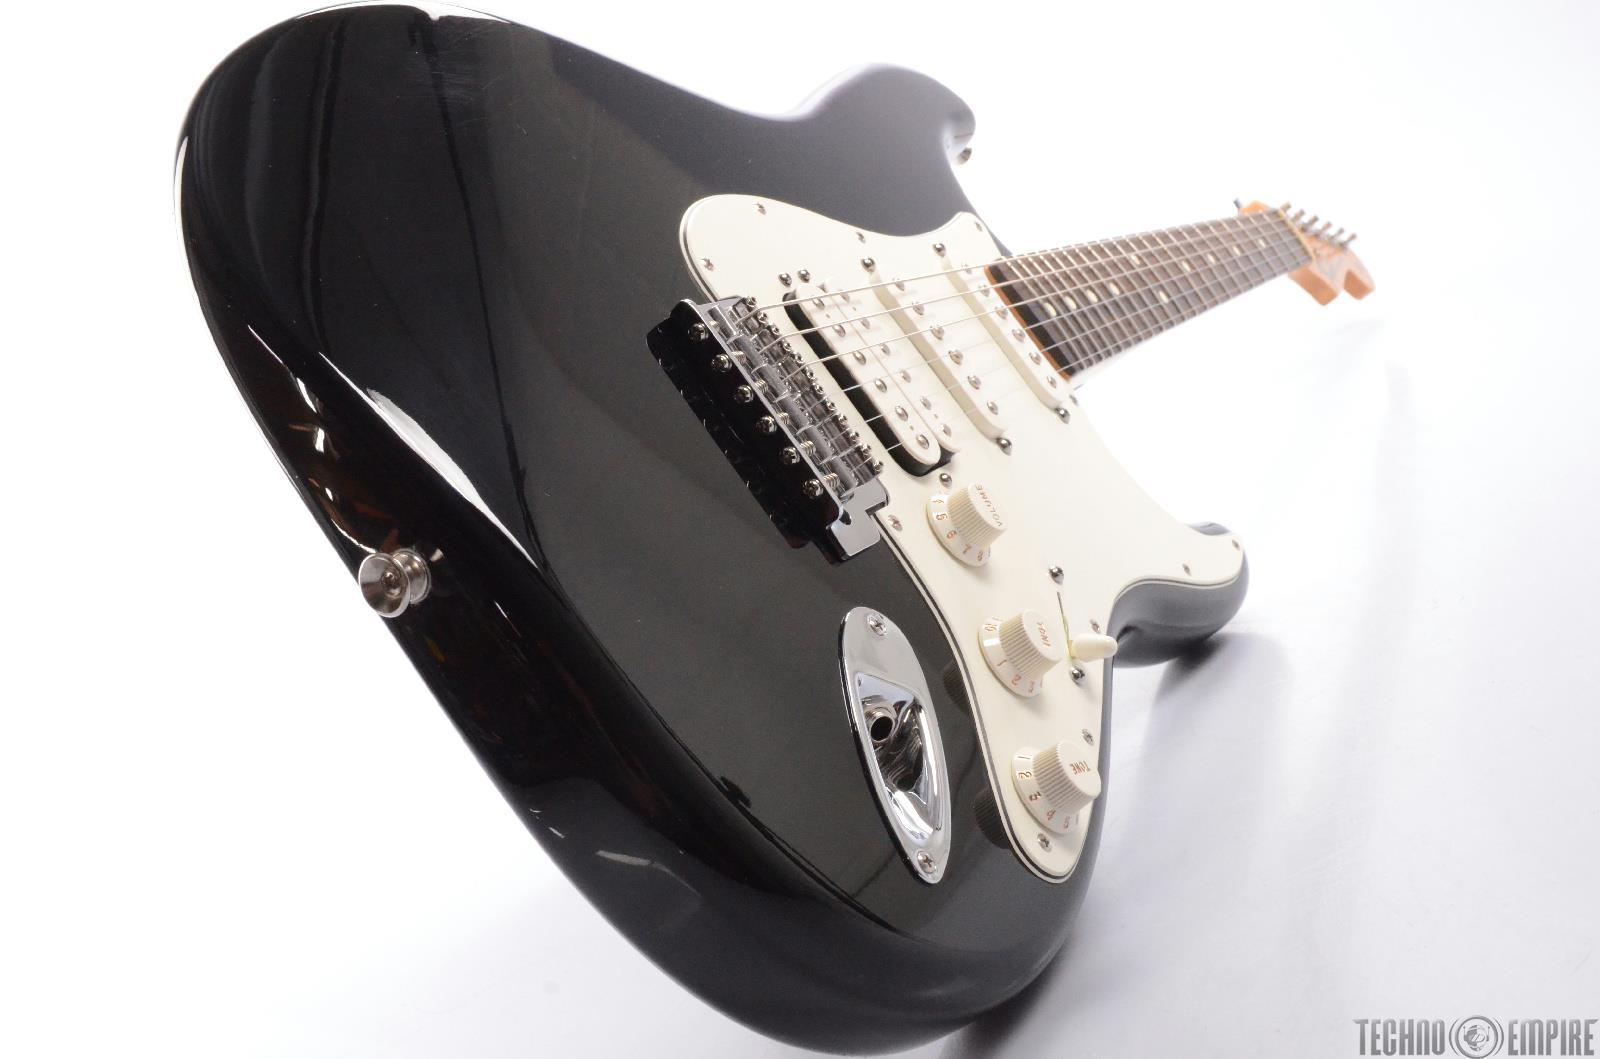 2009 fender stratocaster standard hss black strat electric guitar mim 24766 ebay. Black Bedroom Furniture Sets. Home Design Ideas